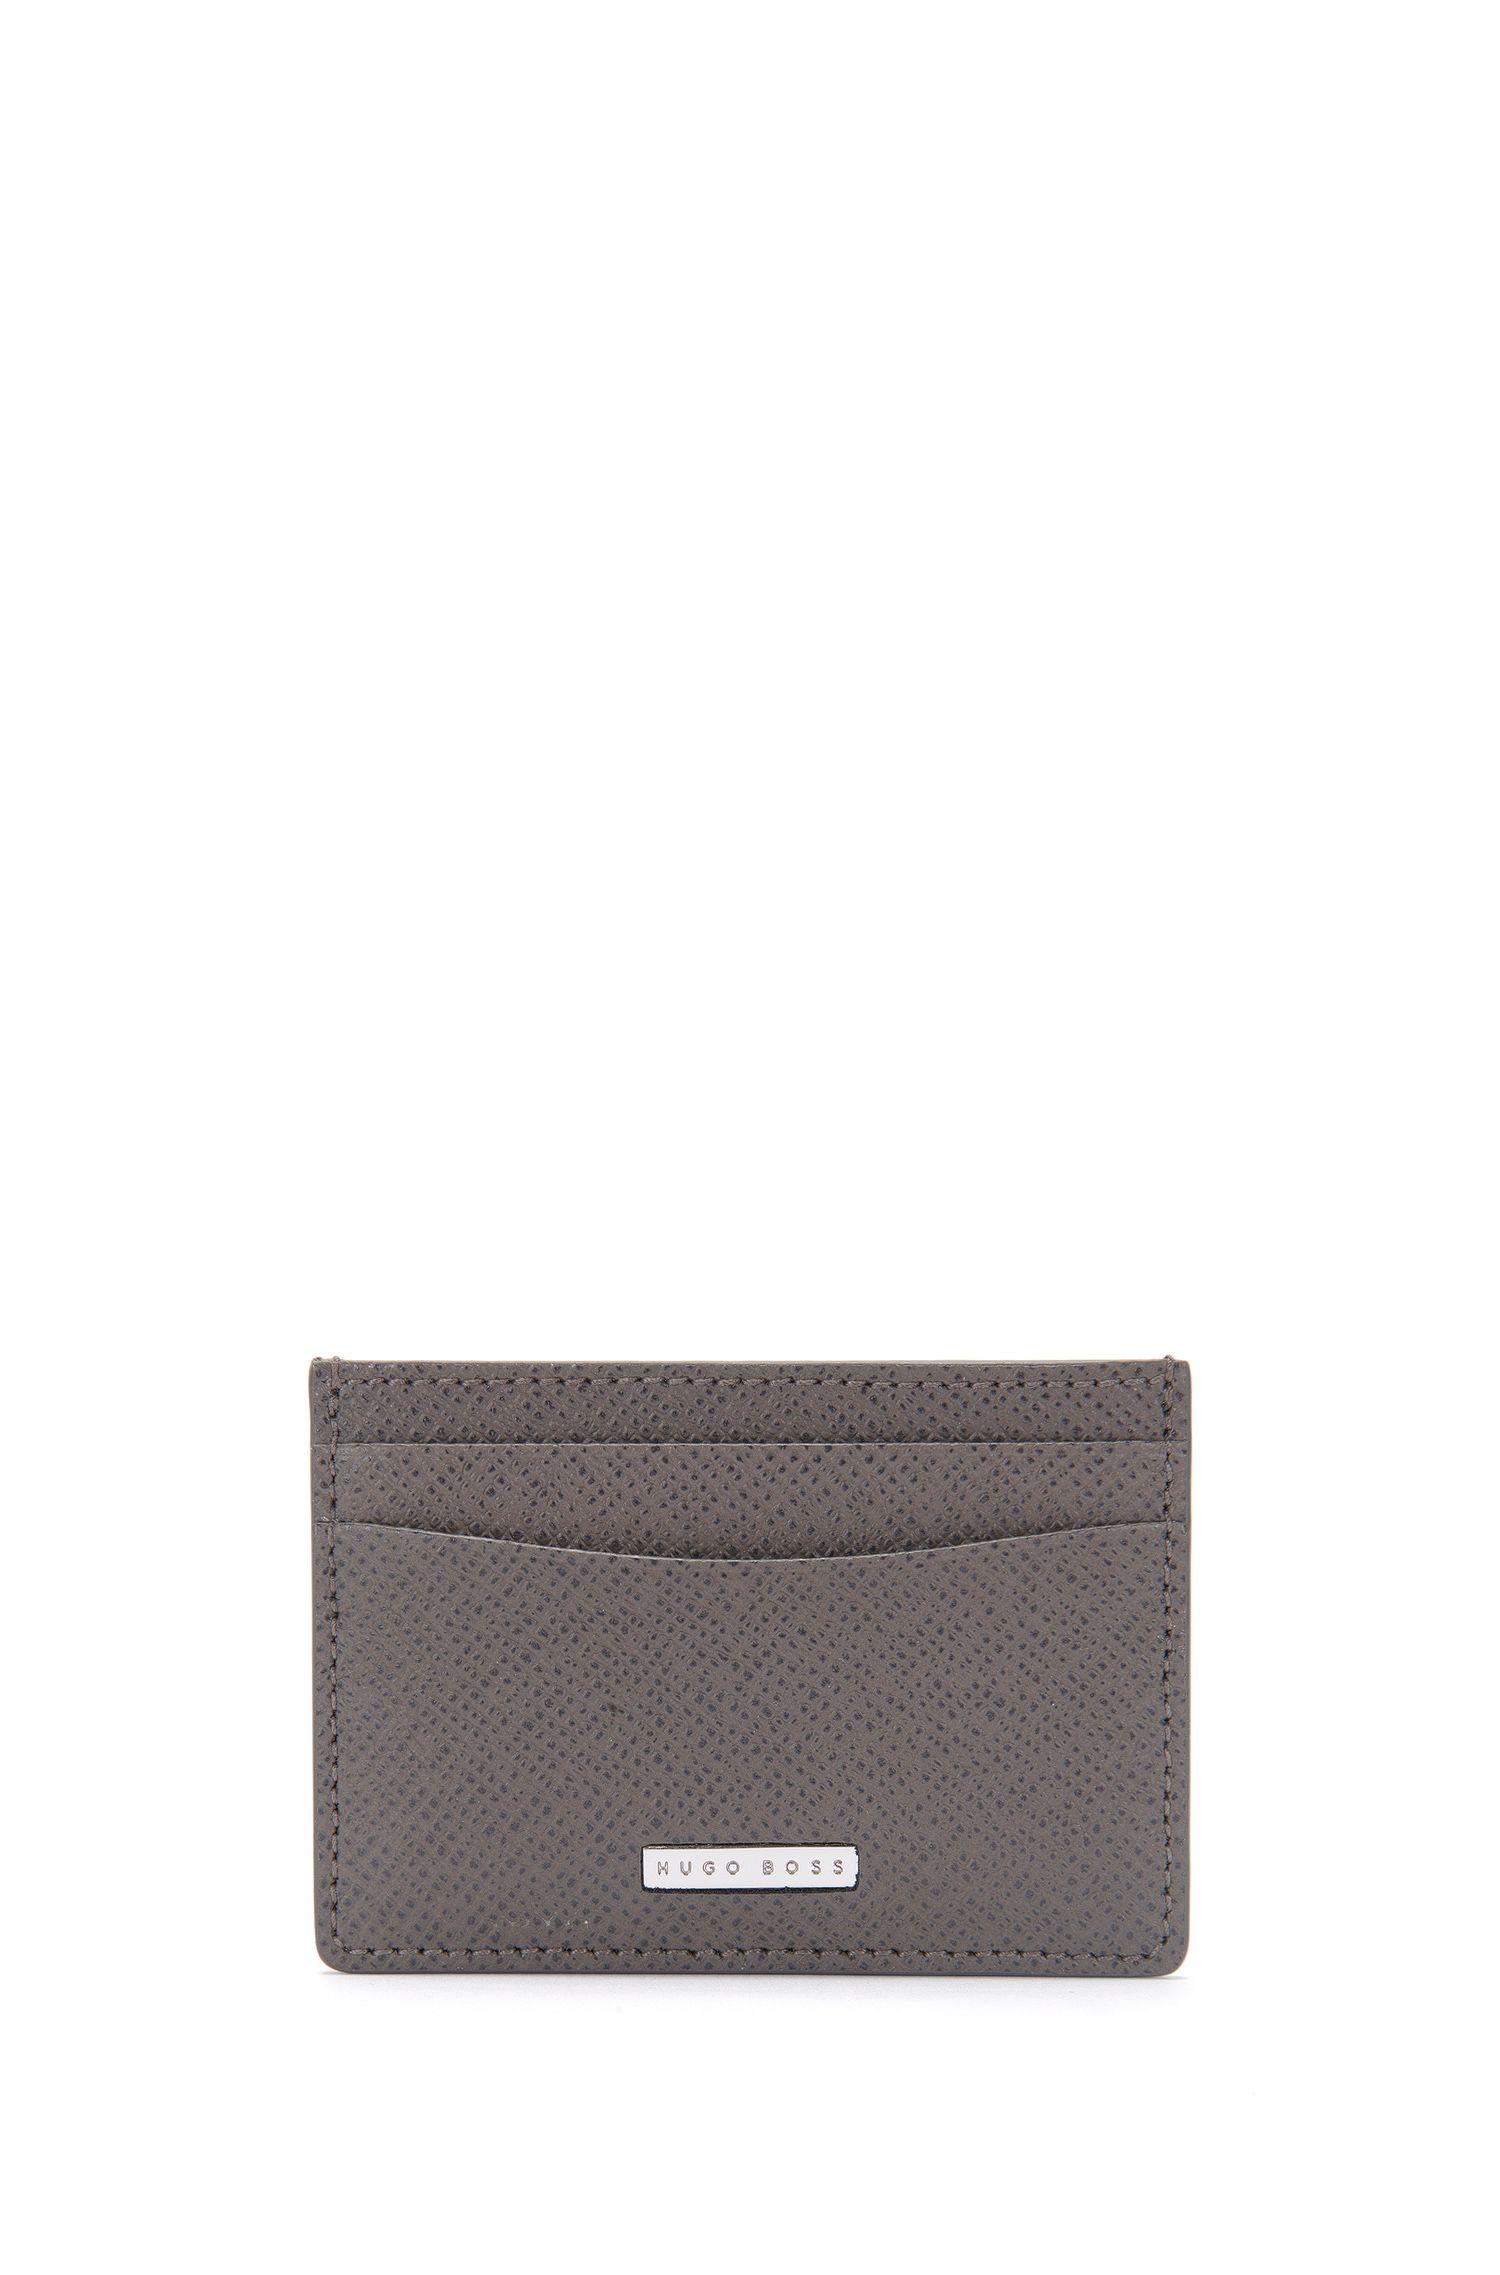 Kartenetui aus genarbtem Palmellato-Leder aus der Signature Kollektion von BOSS